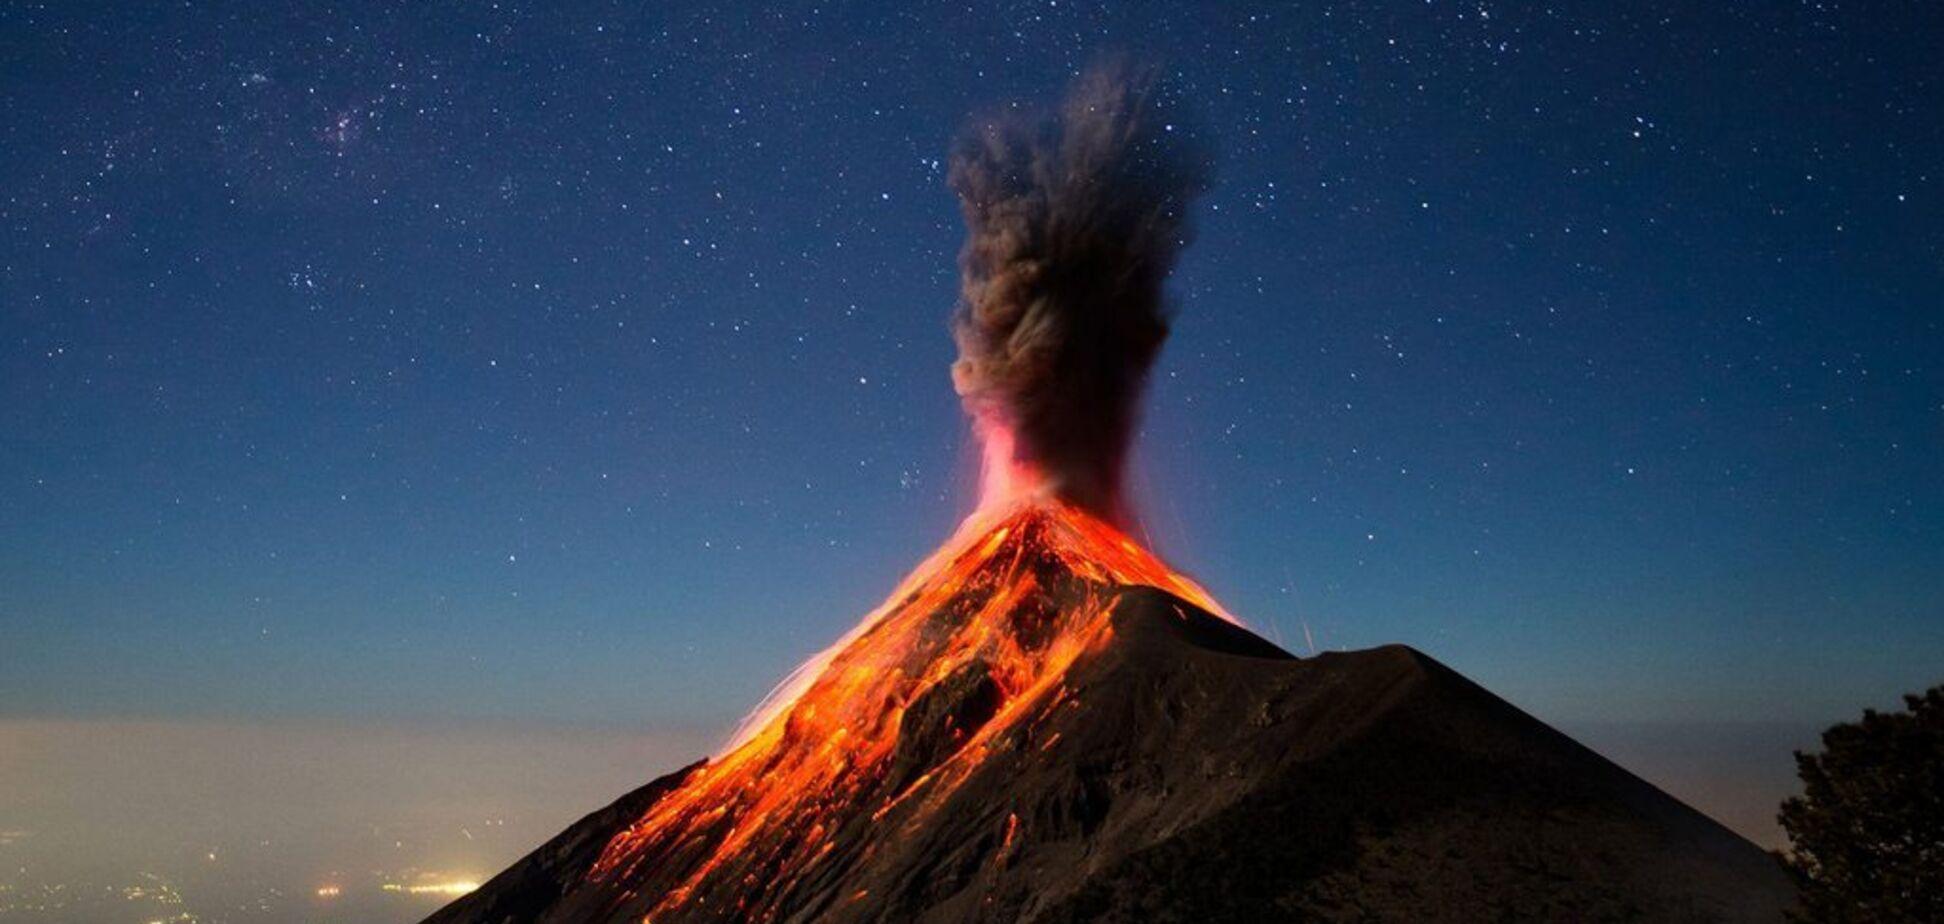 За спиной туриста внезапно начал извергаться вулкан. Видео